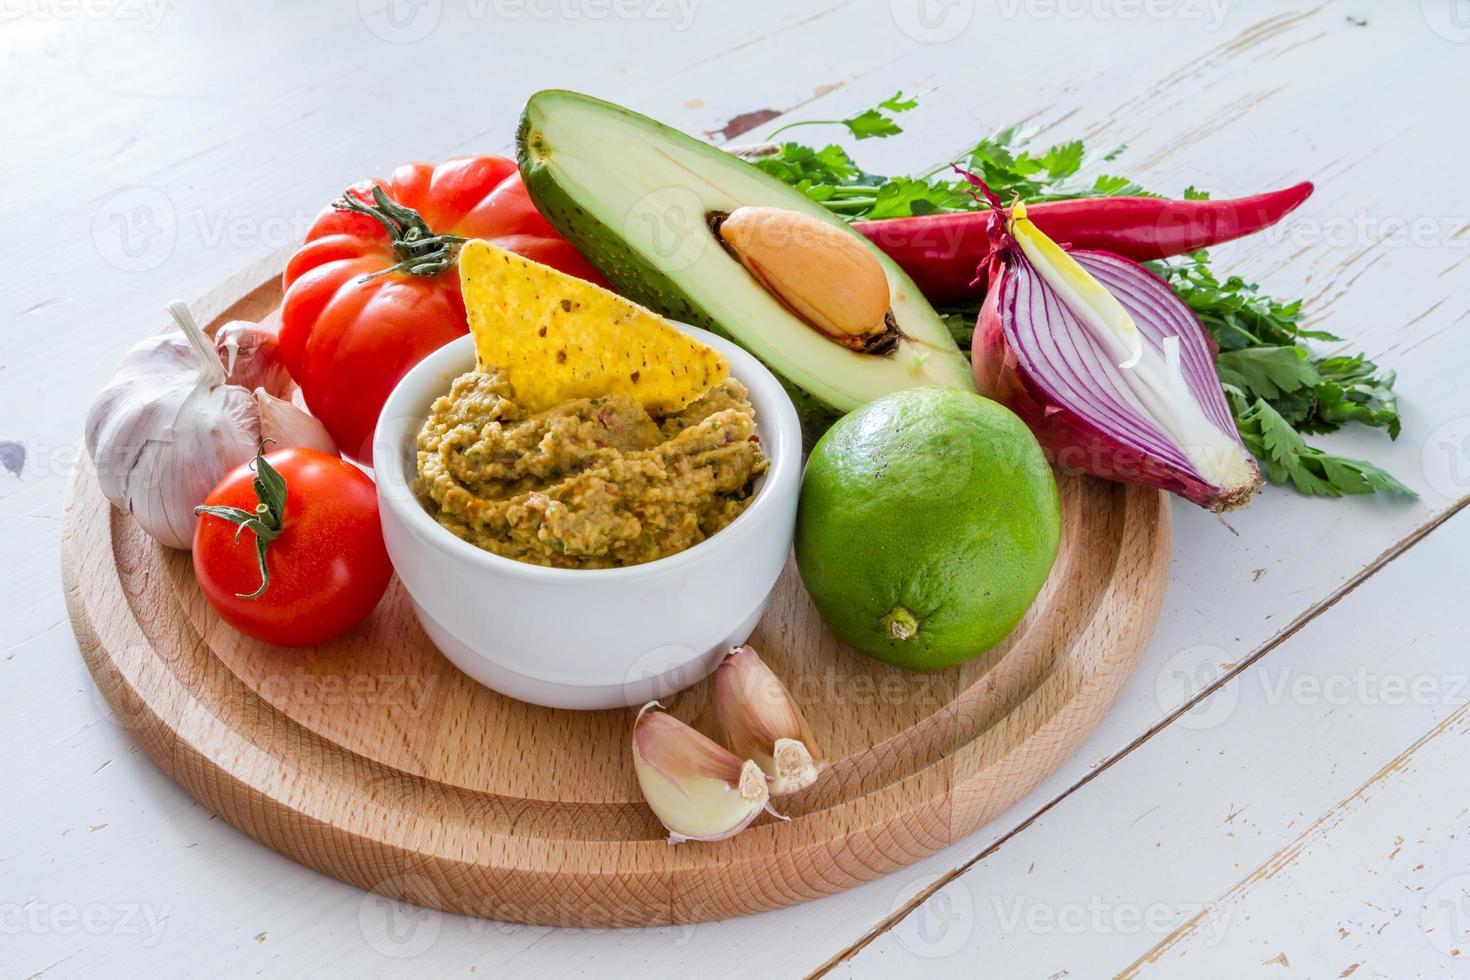 guacamole e ingredientes - abacate, tomate, cebola, alho, limão foto